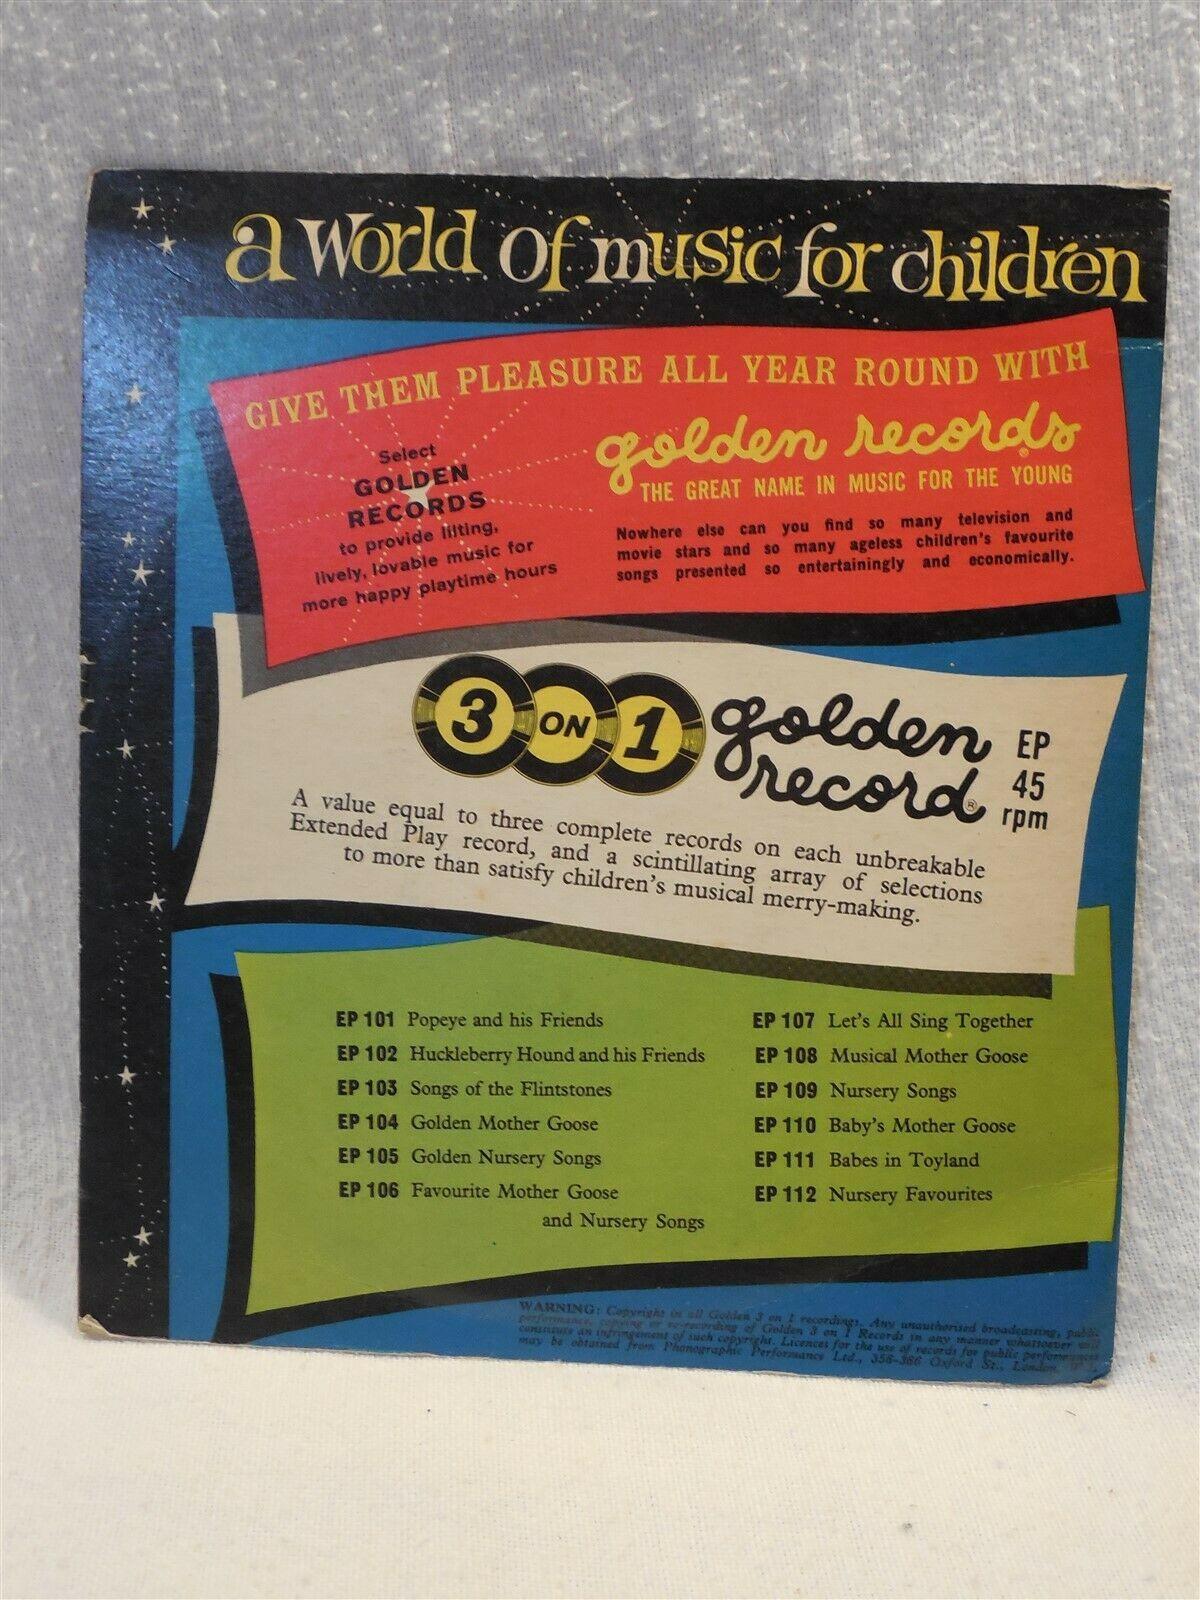 Flintstones 1961 Golden 3 on 1 Record 45 RPM - Songs of the Flintstones